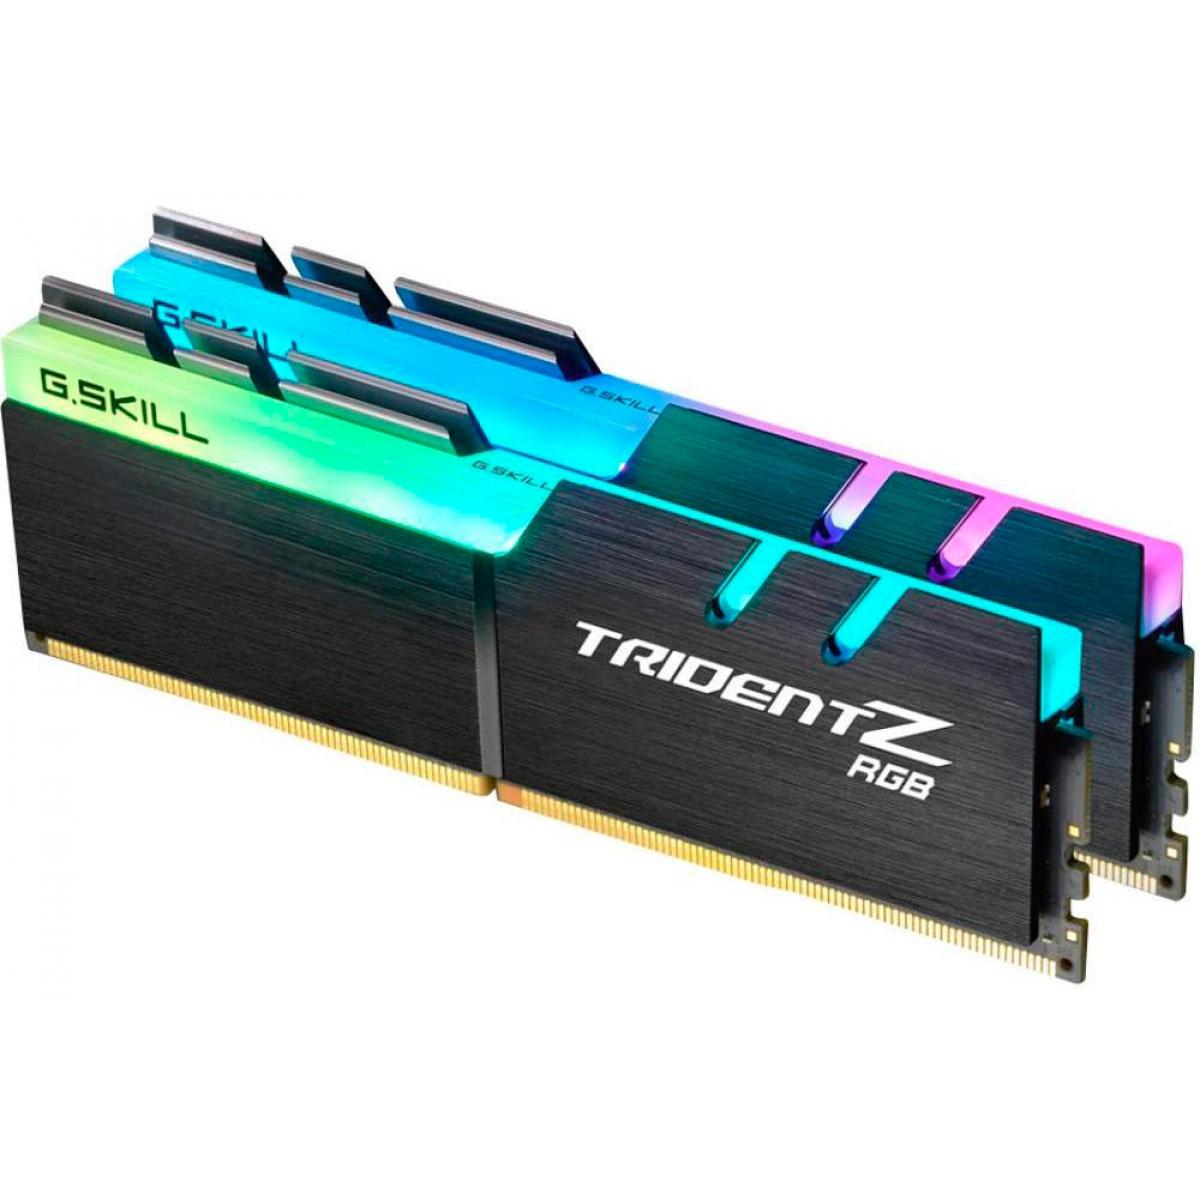 Memória DDR4 G.Skill Trident Z, RGB, 16GB (2x8GB) 3000MHz, F4-3000C15D-16GTZR